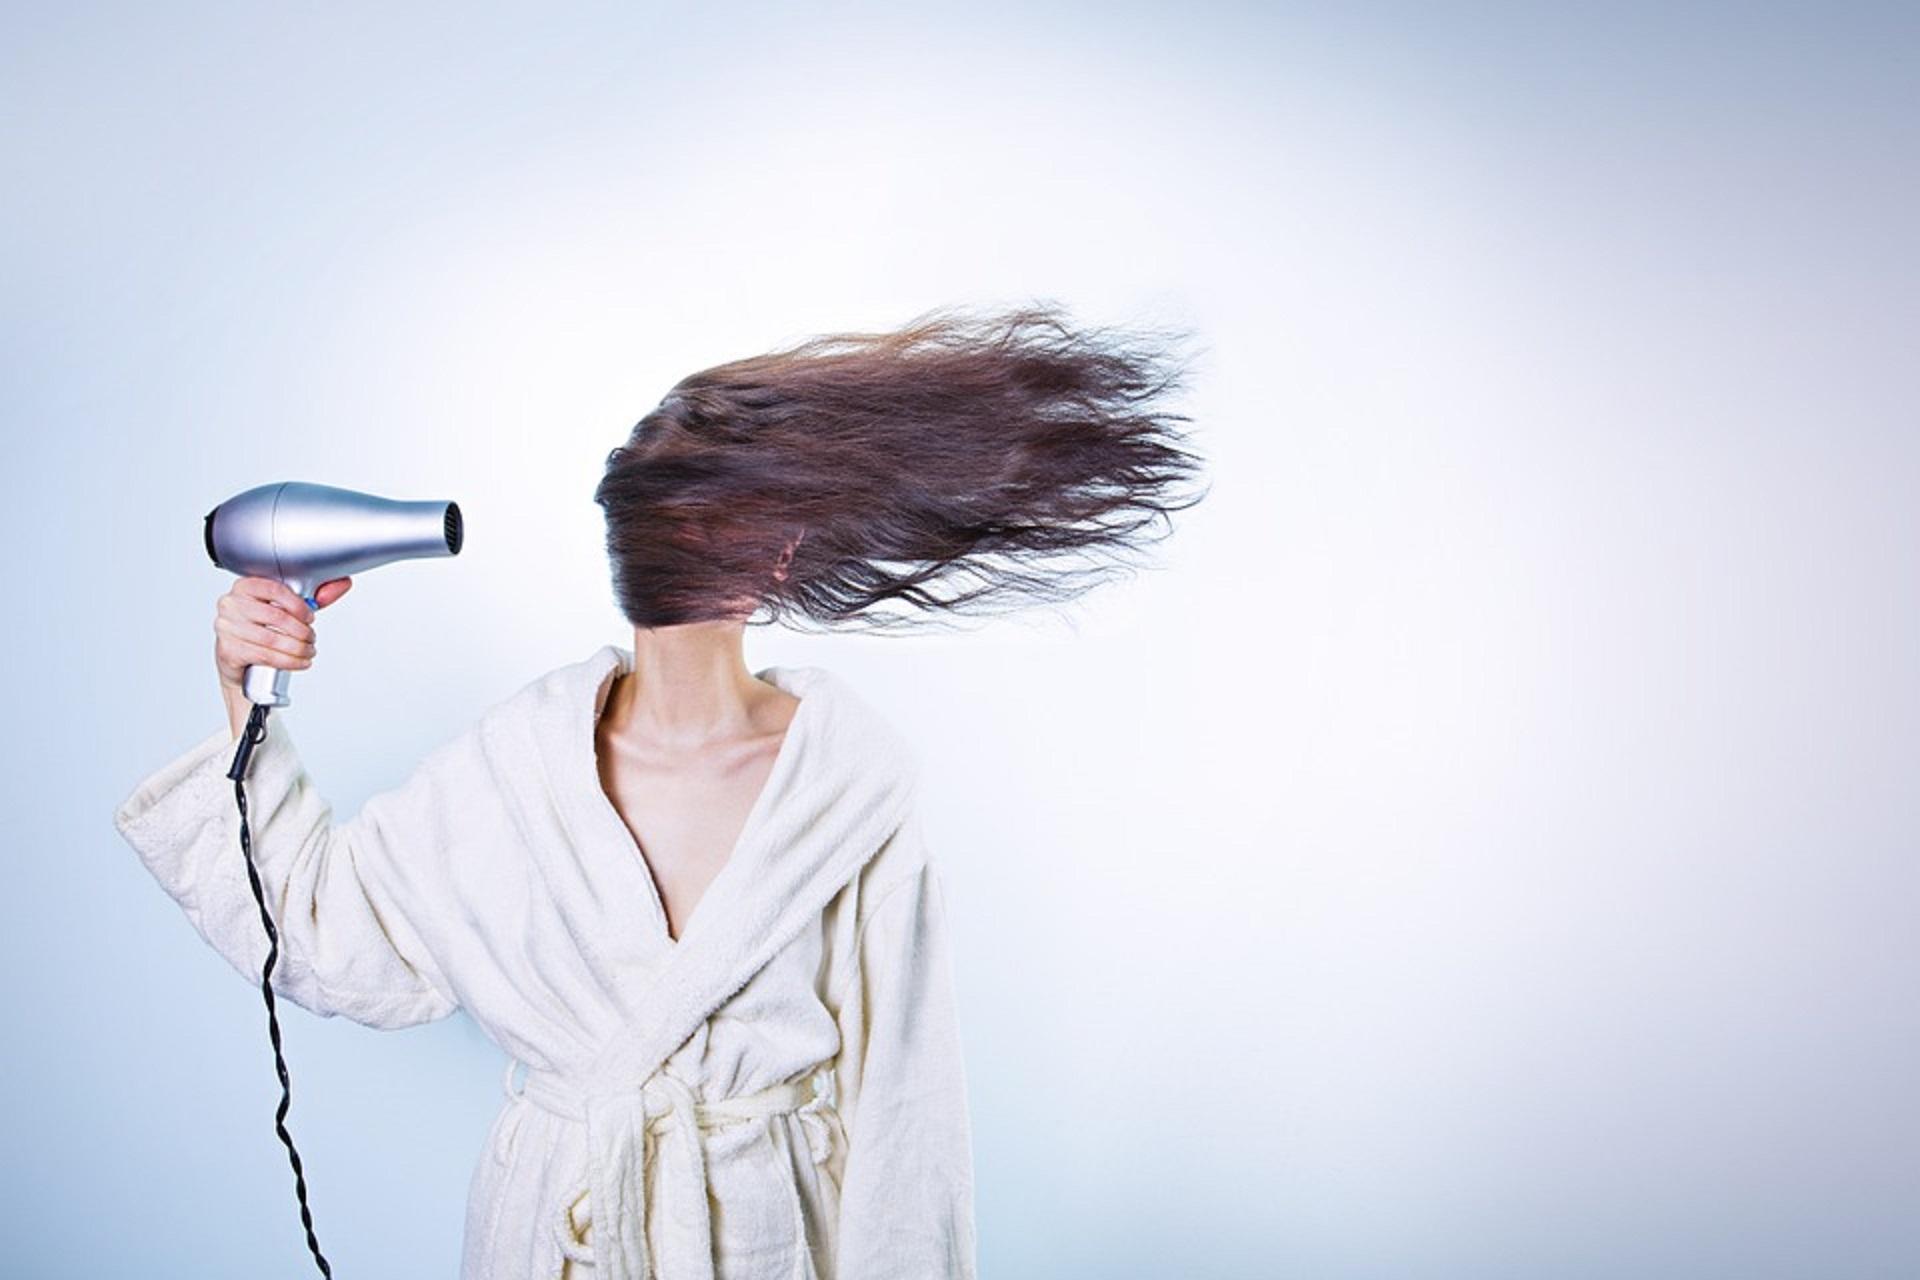 Autunno, capelli indeboliti e integratori: facciamo chiarezza